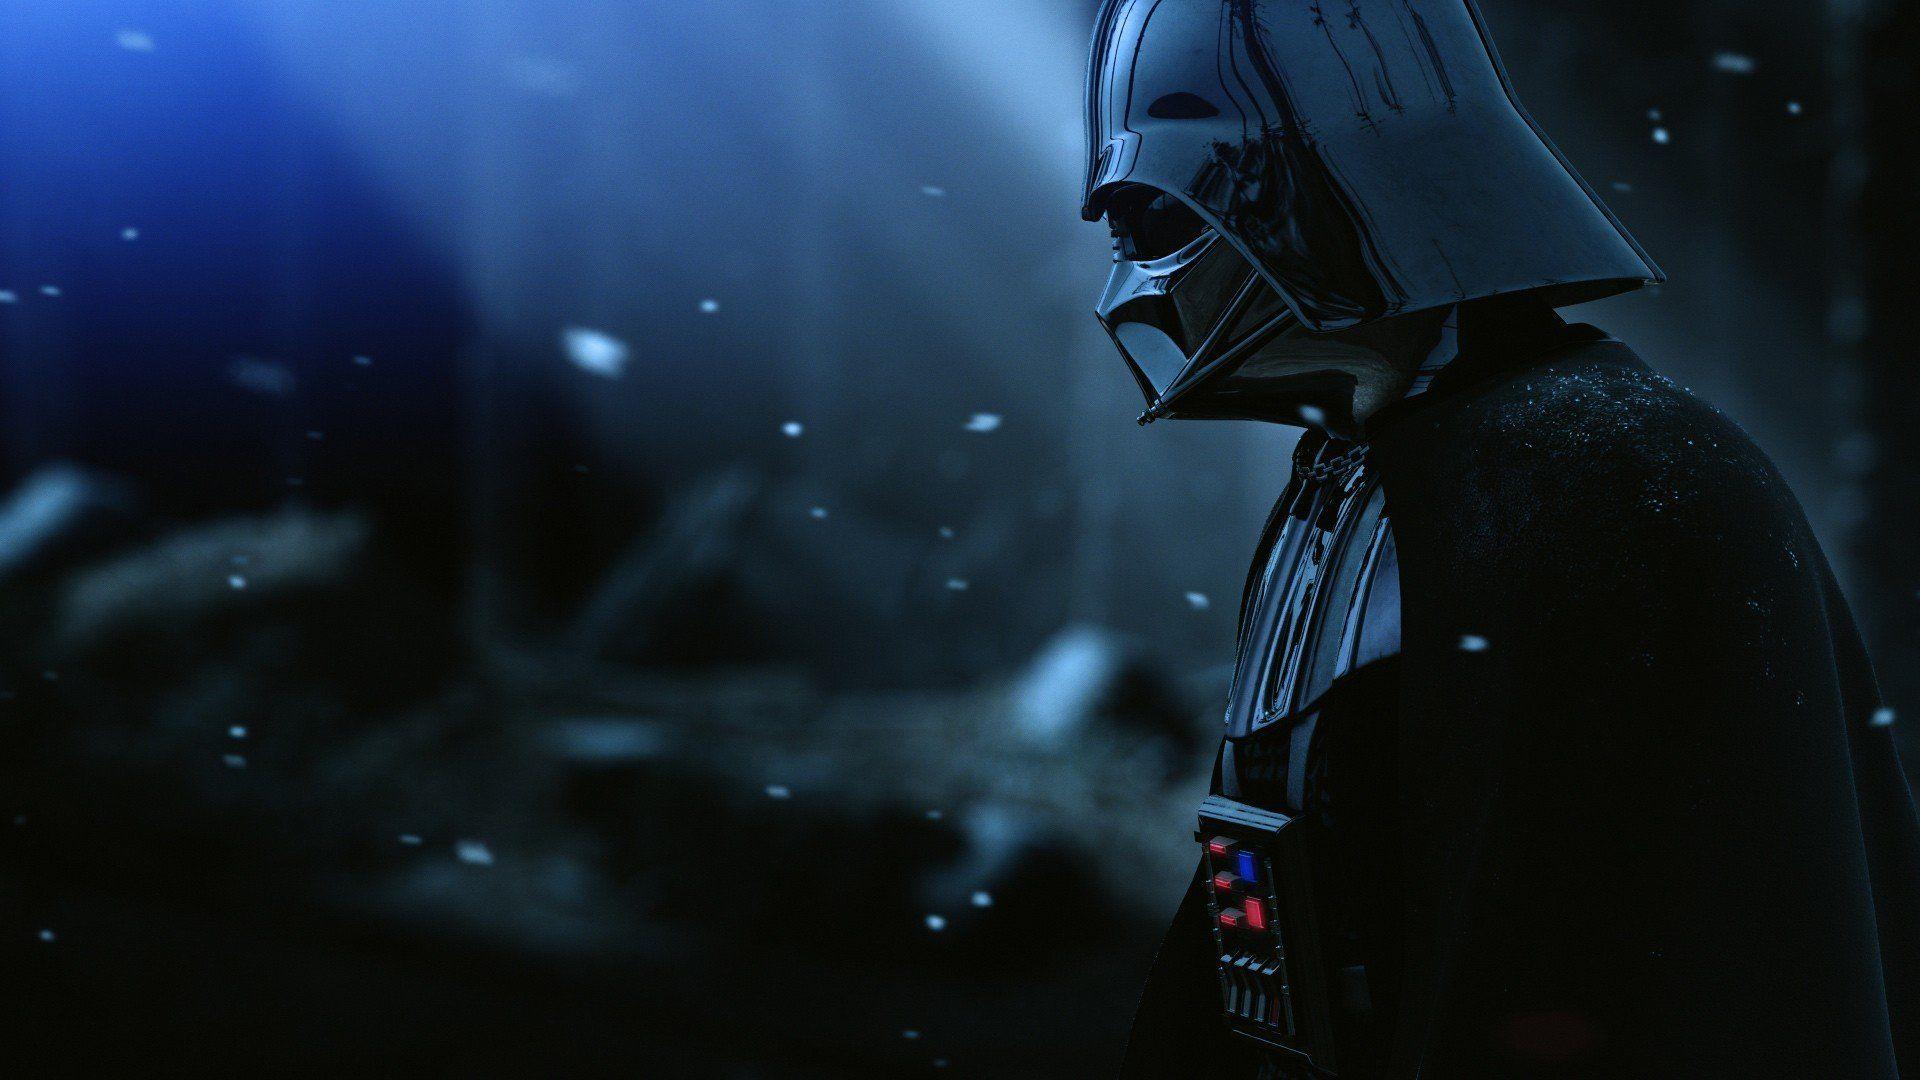 Star Wars Wallpaper 4 Jpg 1 920 1 080 Pixels Darth Vader Wallpaper Star Wars Background Star Wars Wallpaper